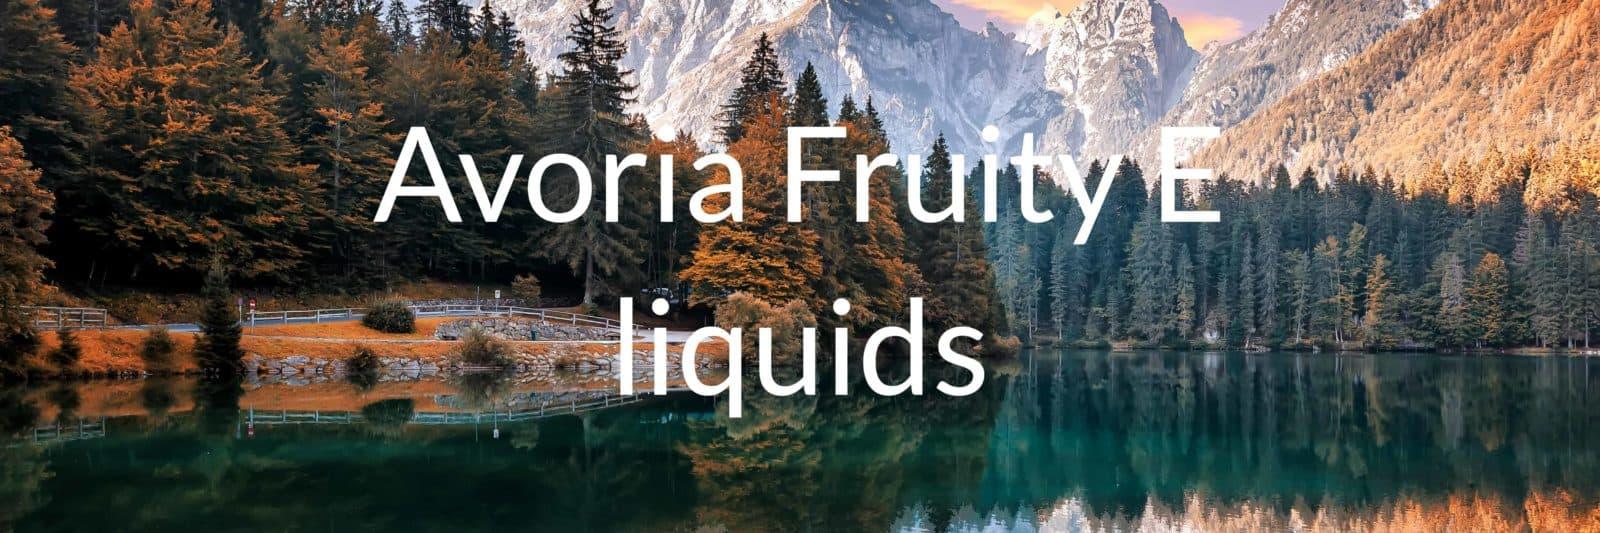 avoroa fruity e liquids